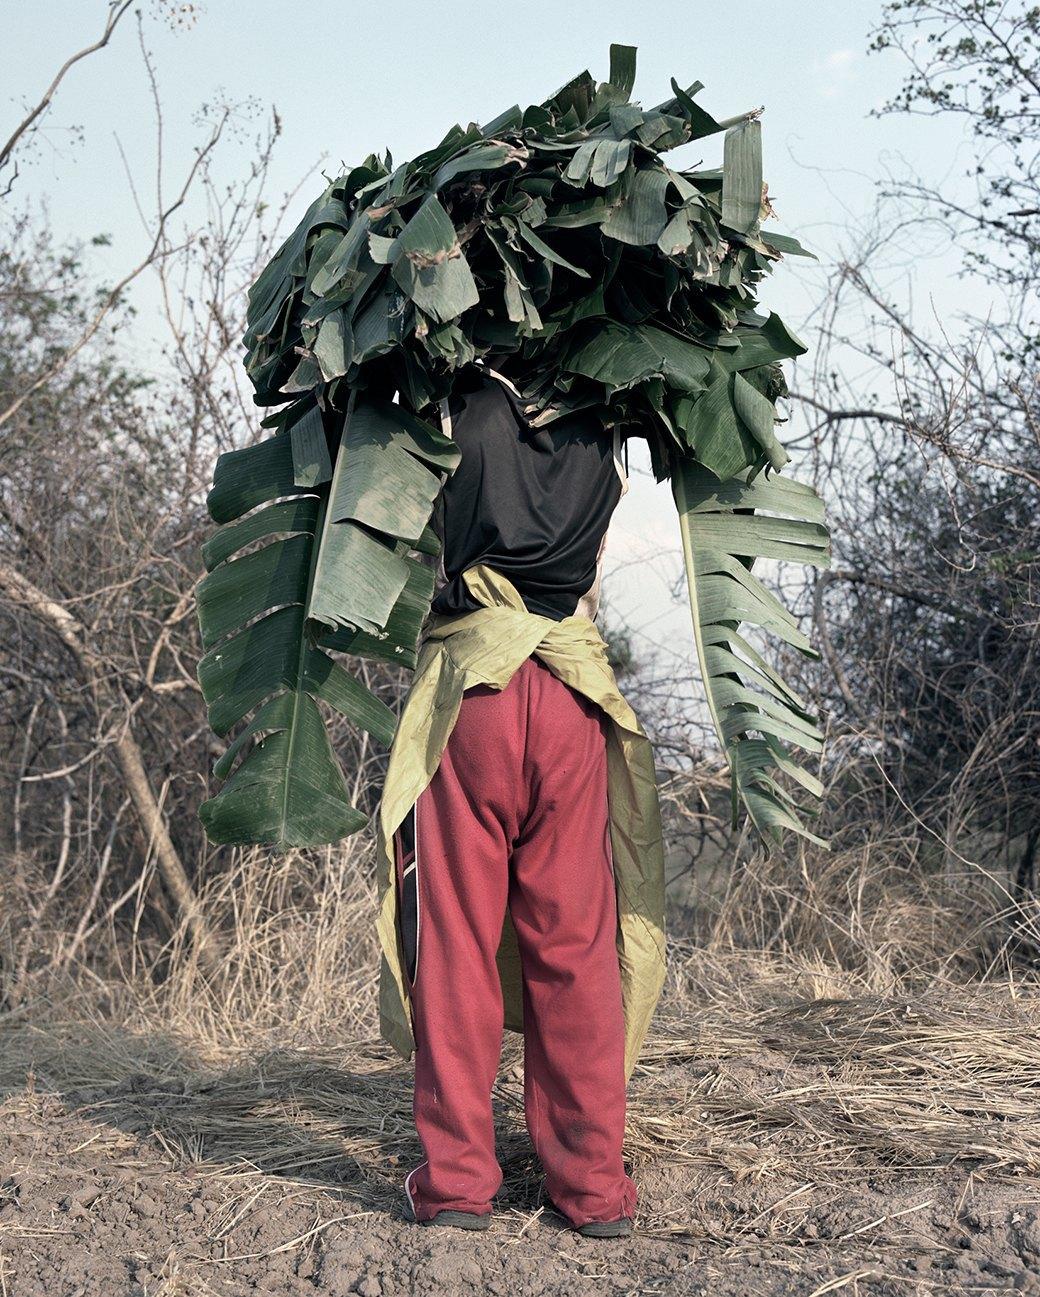 «Местность»: Обезличенный труд африканских крестьян. Изображение № 8.